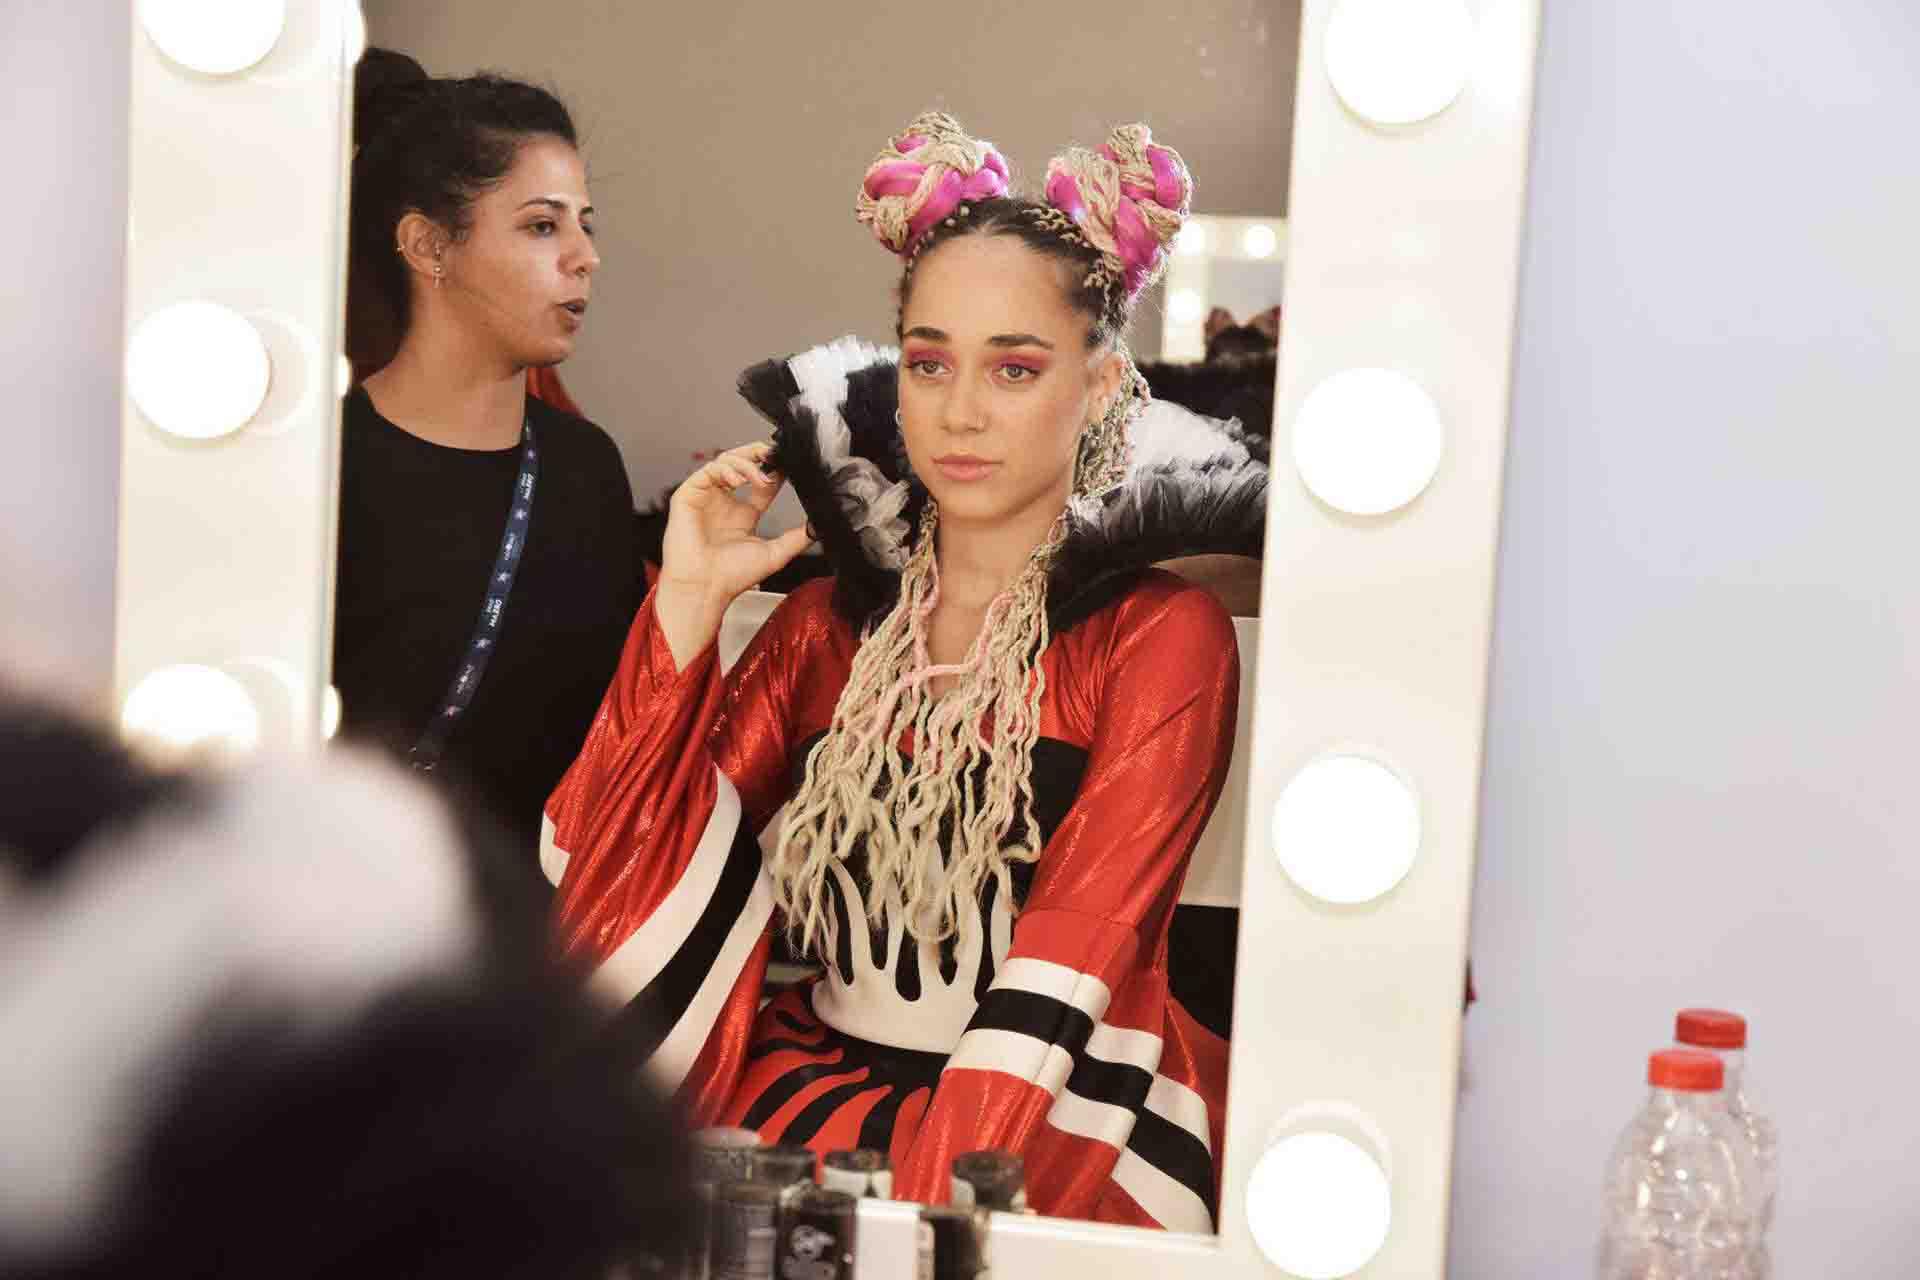 אירוויזיון 2019 לוקים האיפור של רבלון וגילי אלגבי. צילום אוריאל ודניאל פחימה - 26